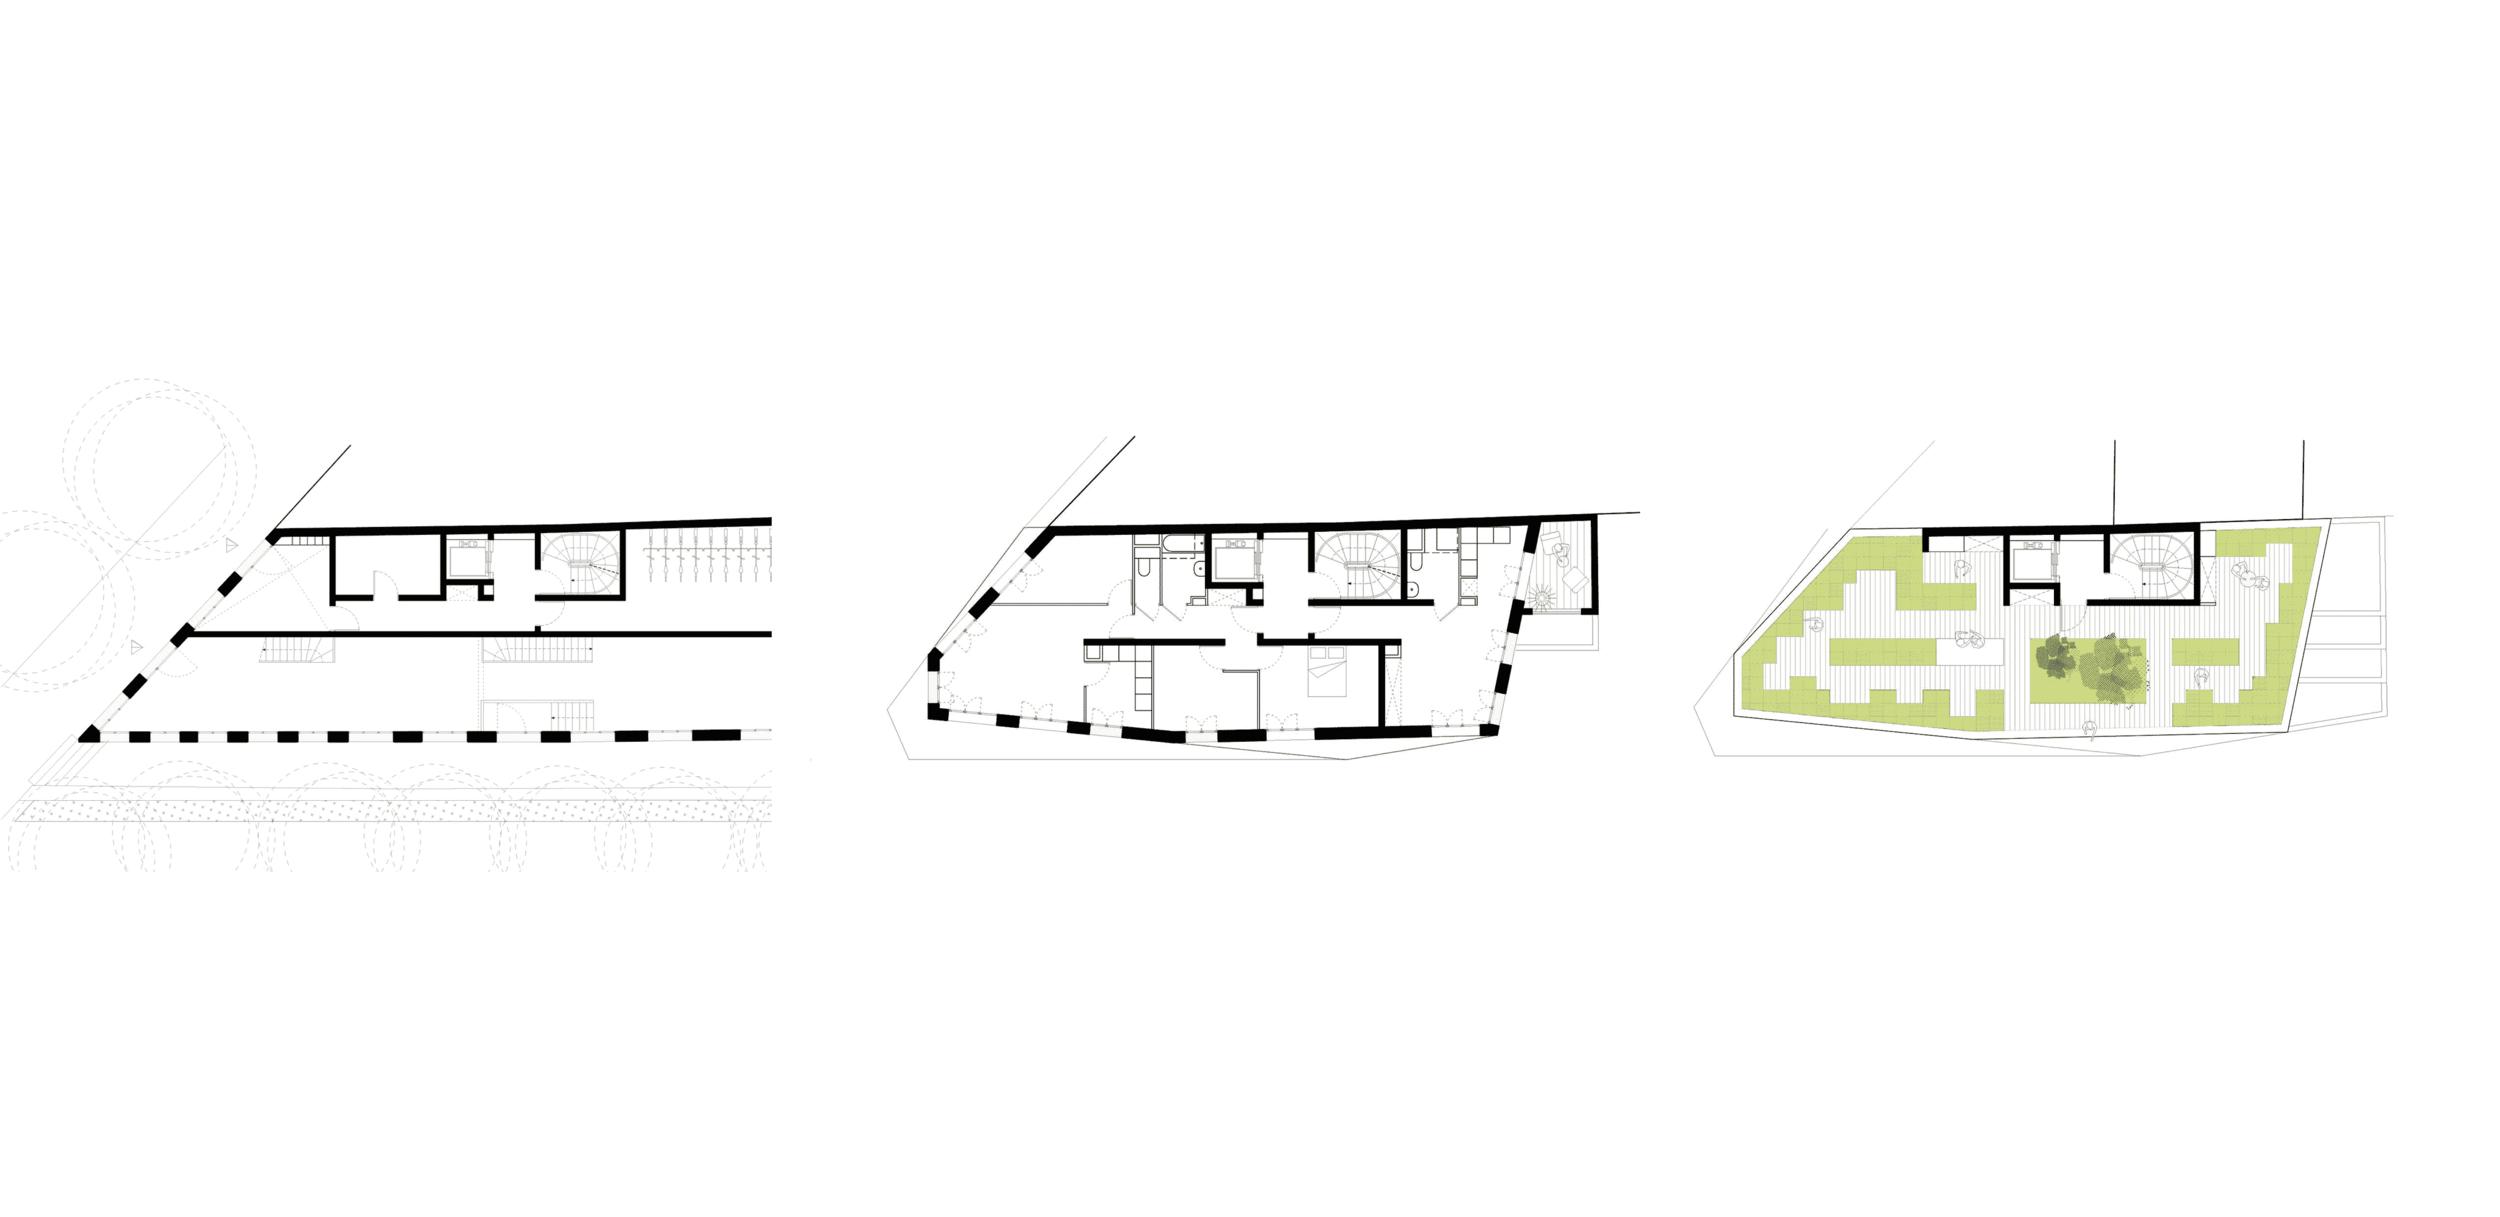 Logements-Parisxii-Plans.png